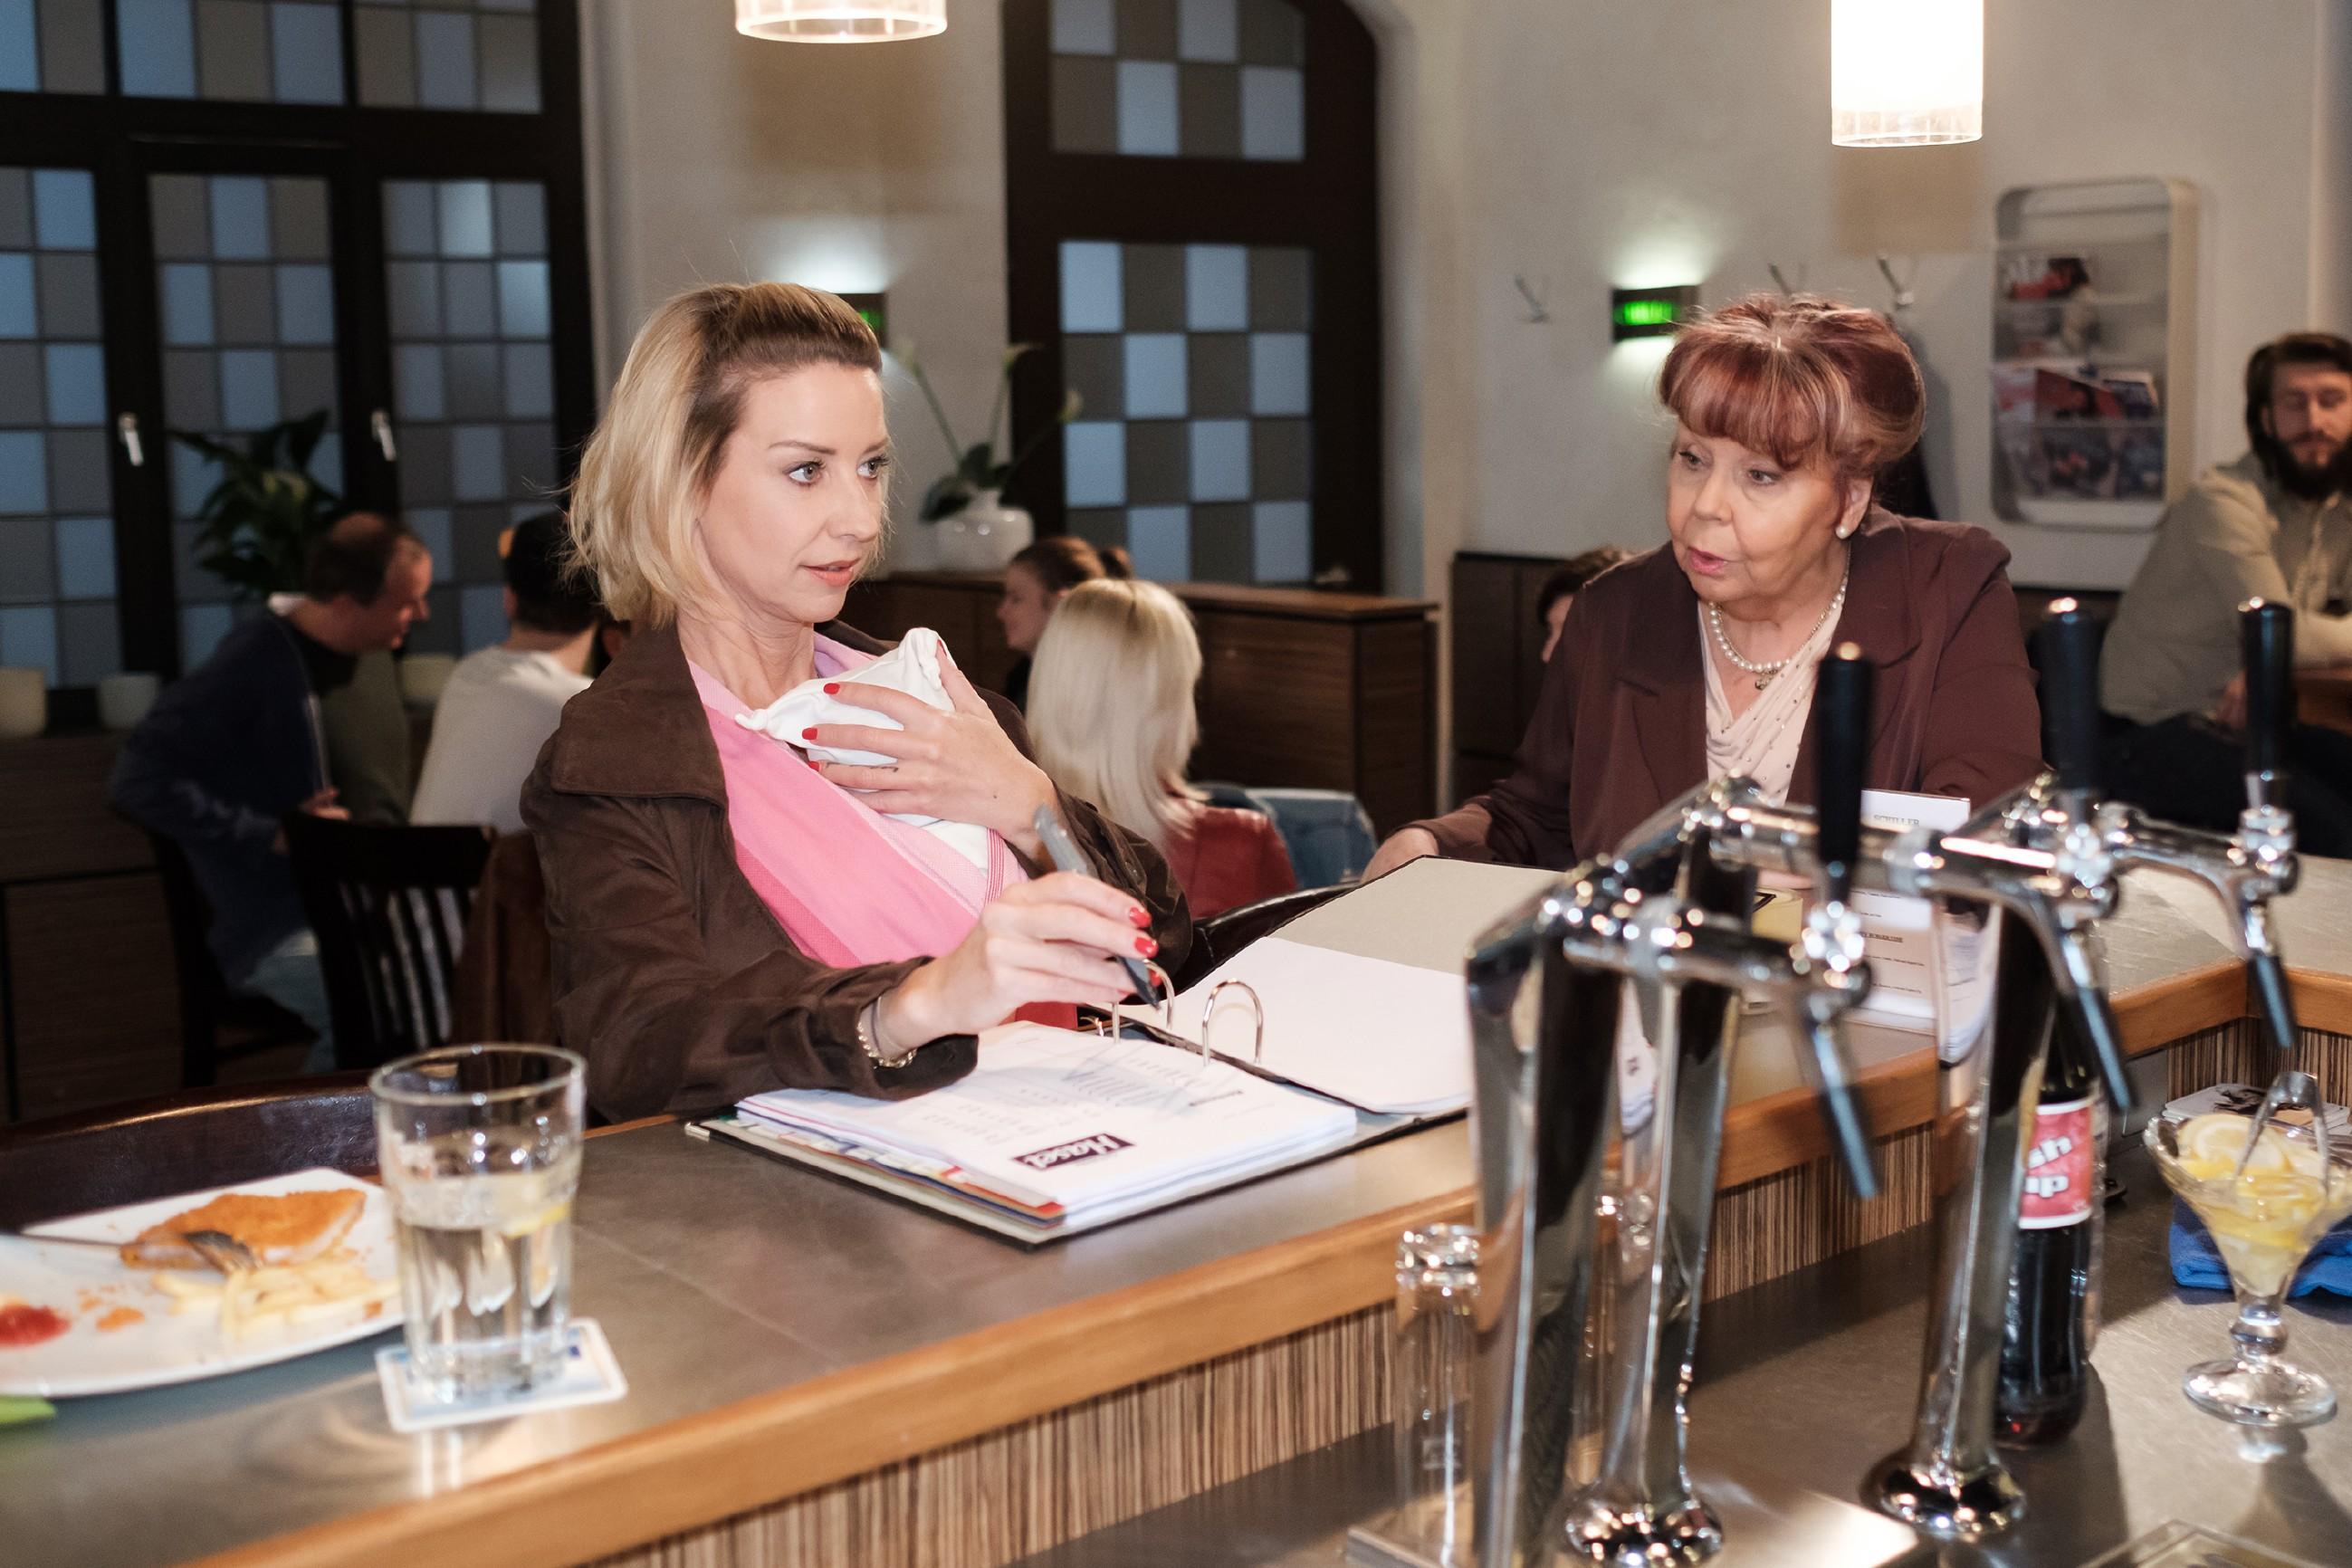 Ute (Isabell Hertel, l.) vertraut auf die zaghaften Muttergefühle für Maja und lässt Roswithas (Andrea Brix) Kritik an ihrem Lebensstil selbstbewusst an sich abprallen. (Quelle: RTL / Stefan Behrens)